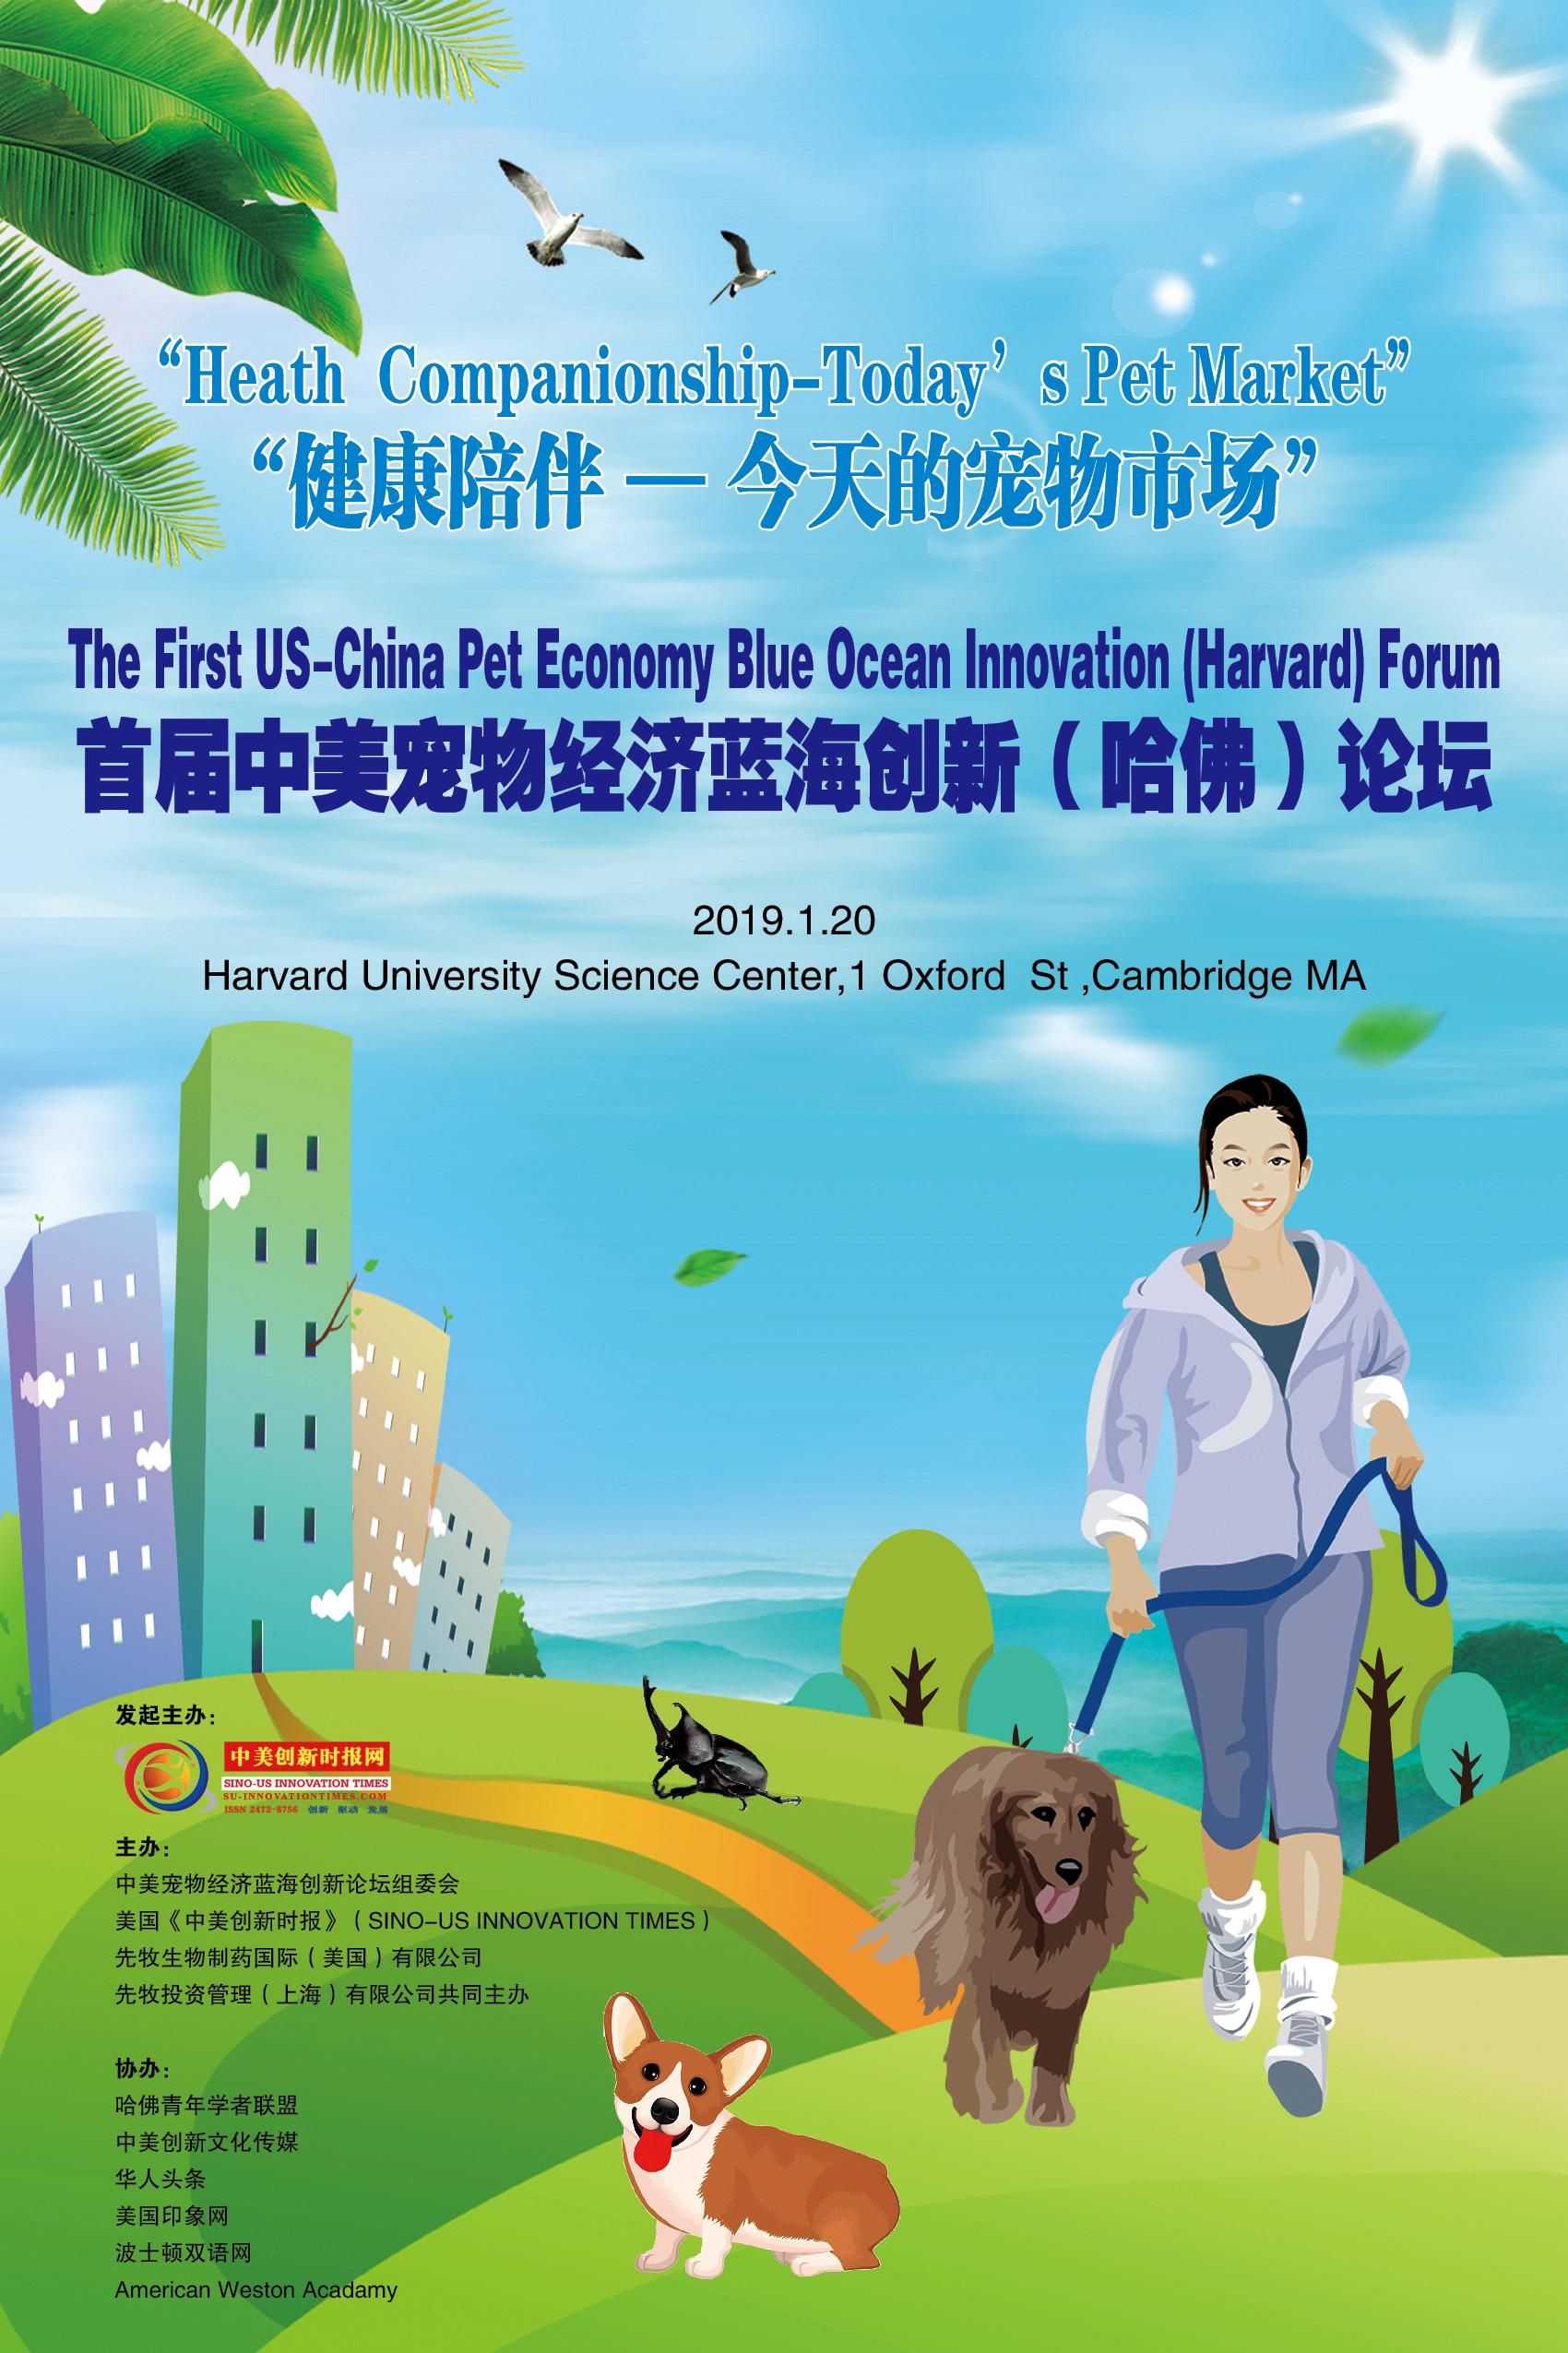 首届中美宠物经济蓝海创新(哈佛)论坛将于元月20日举行